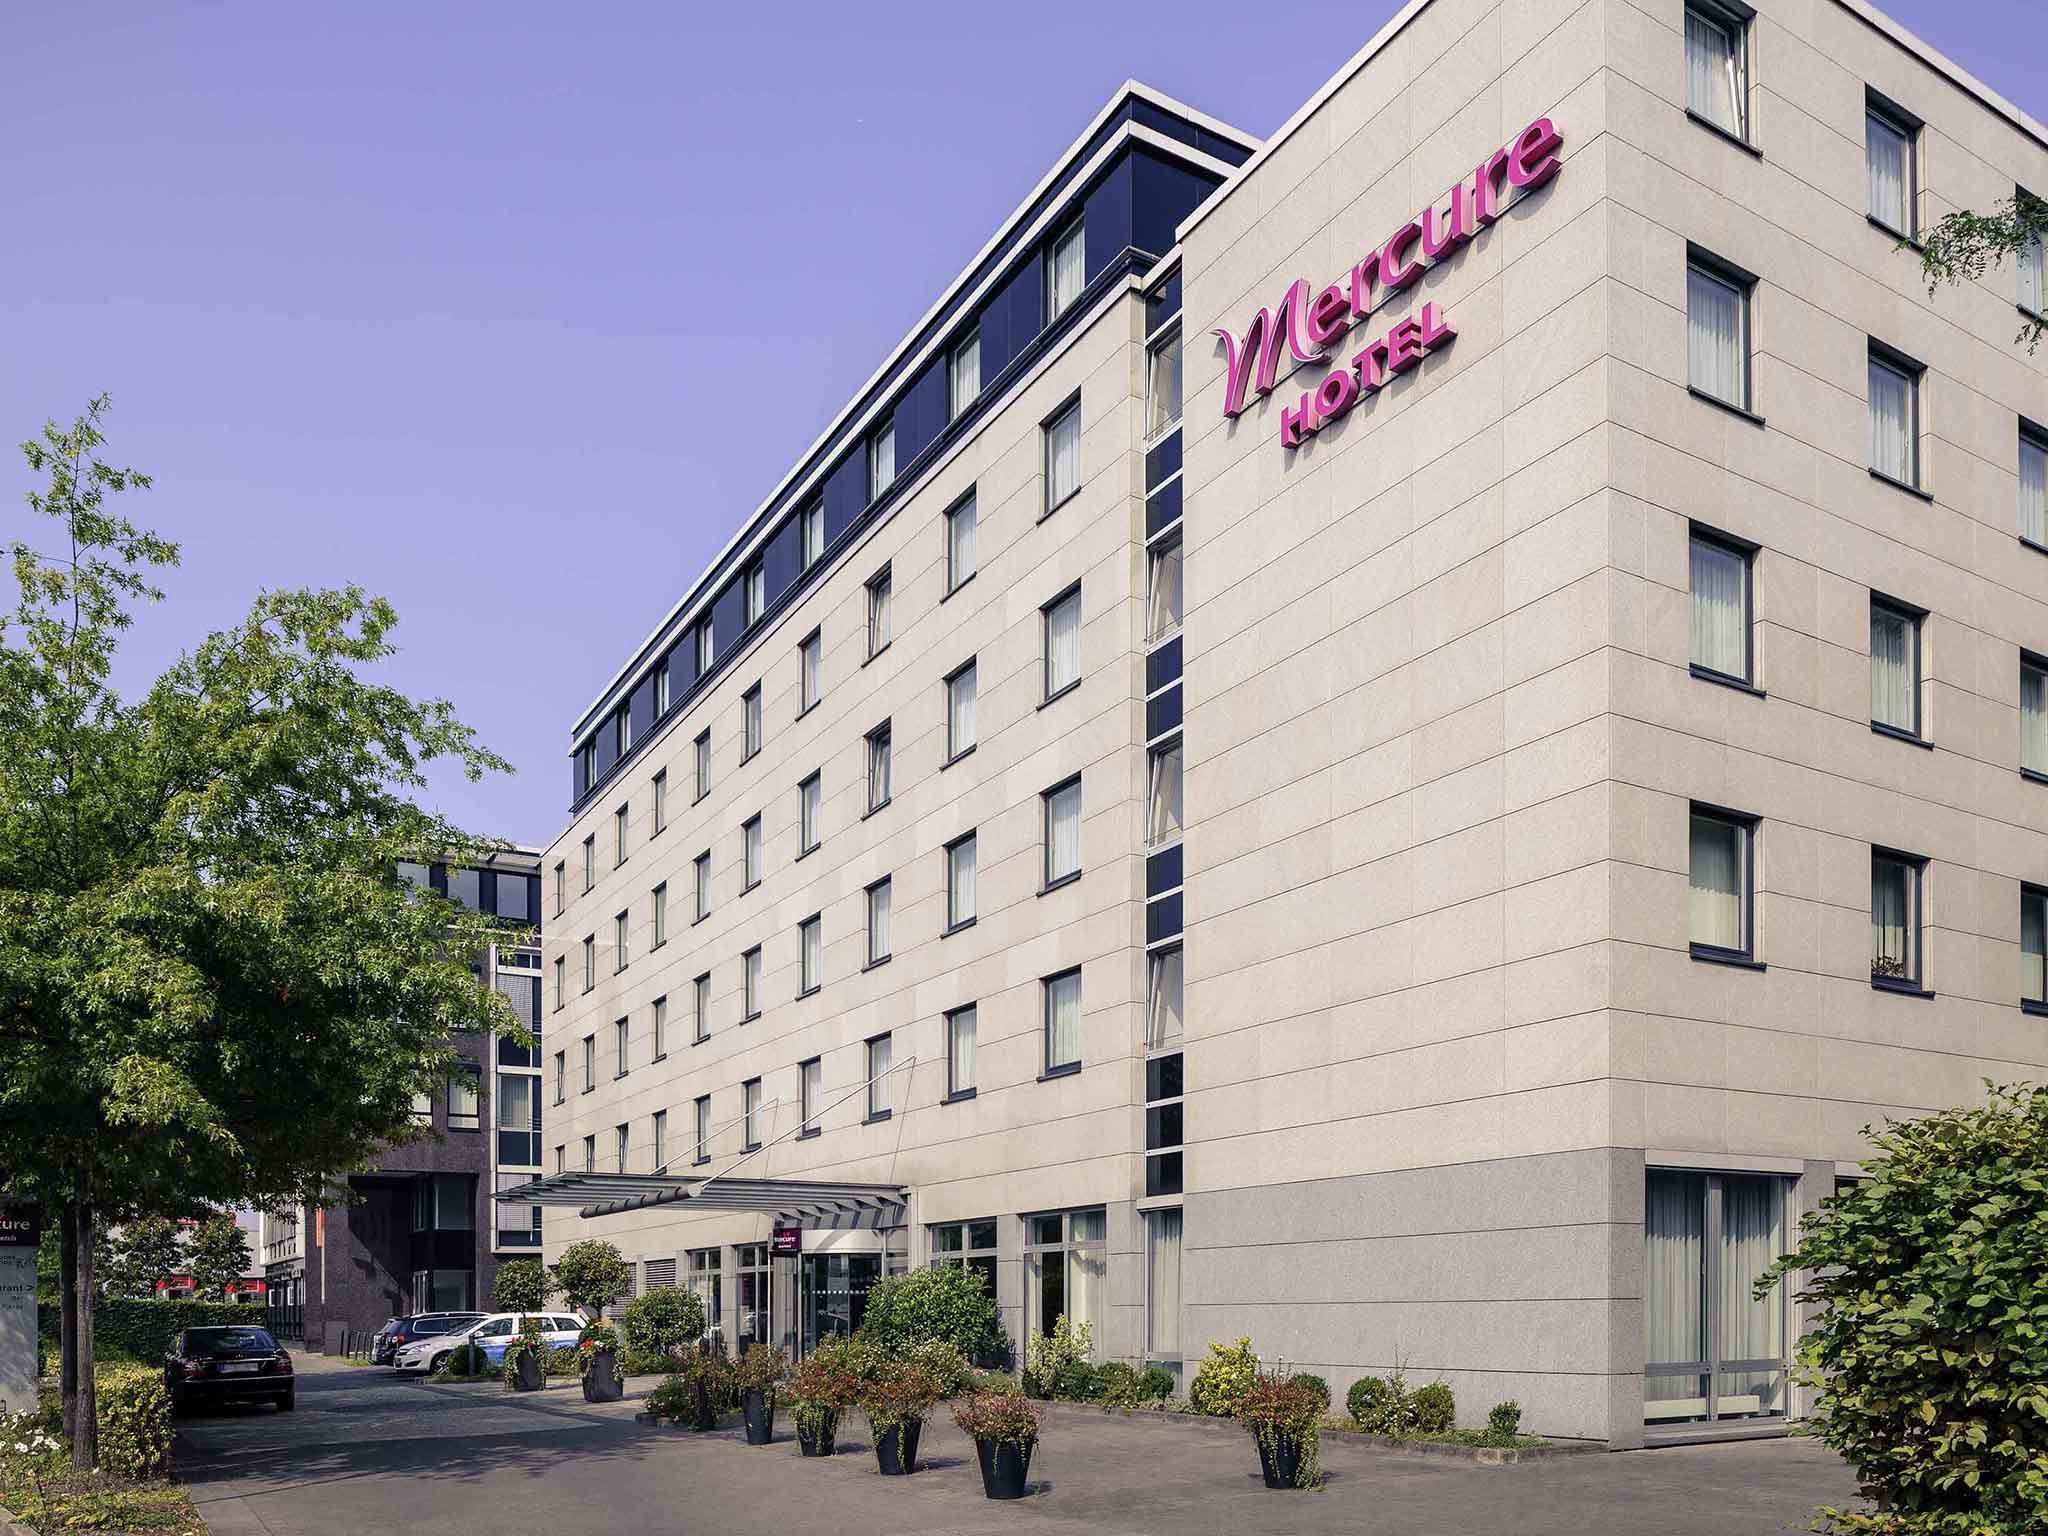 ホテル – メルキュールホテルデュッセルドルフシティノート